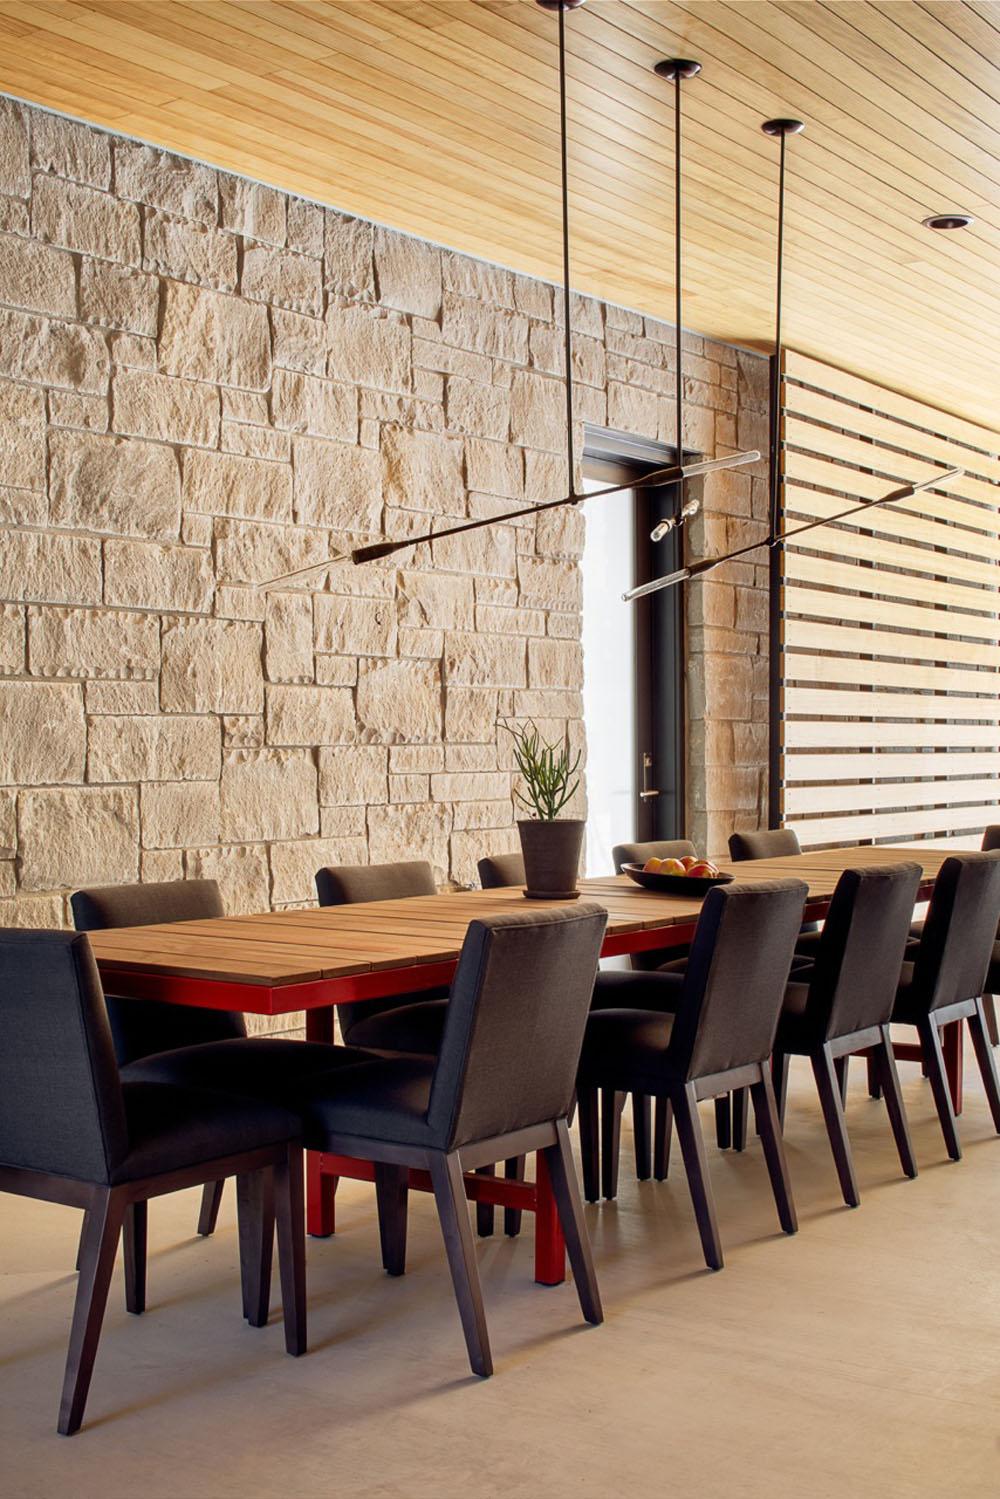 Dise o de casa de un piso con fachada en piedra y madera for Piedra para decorar paredes interiores